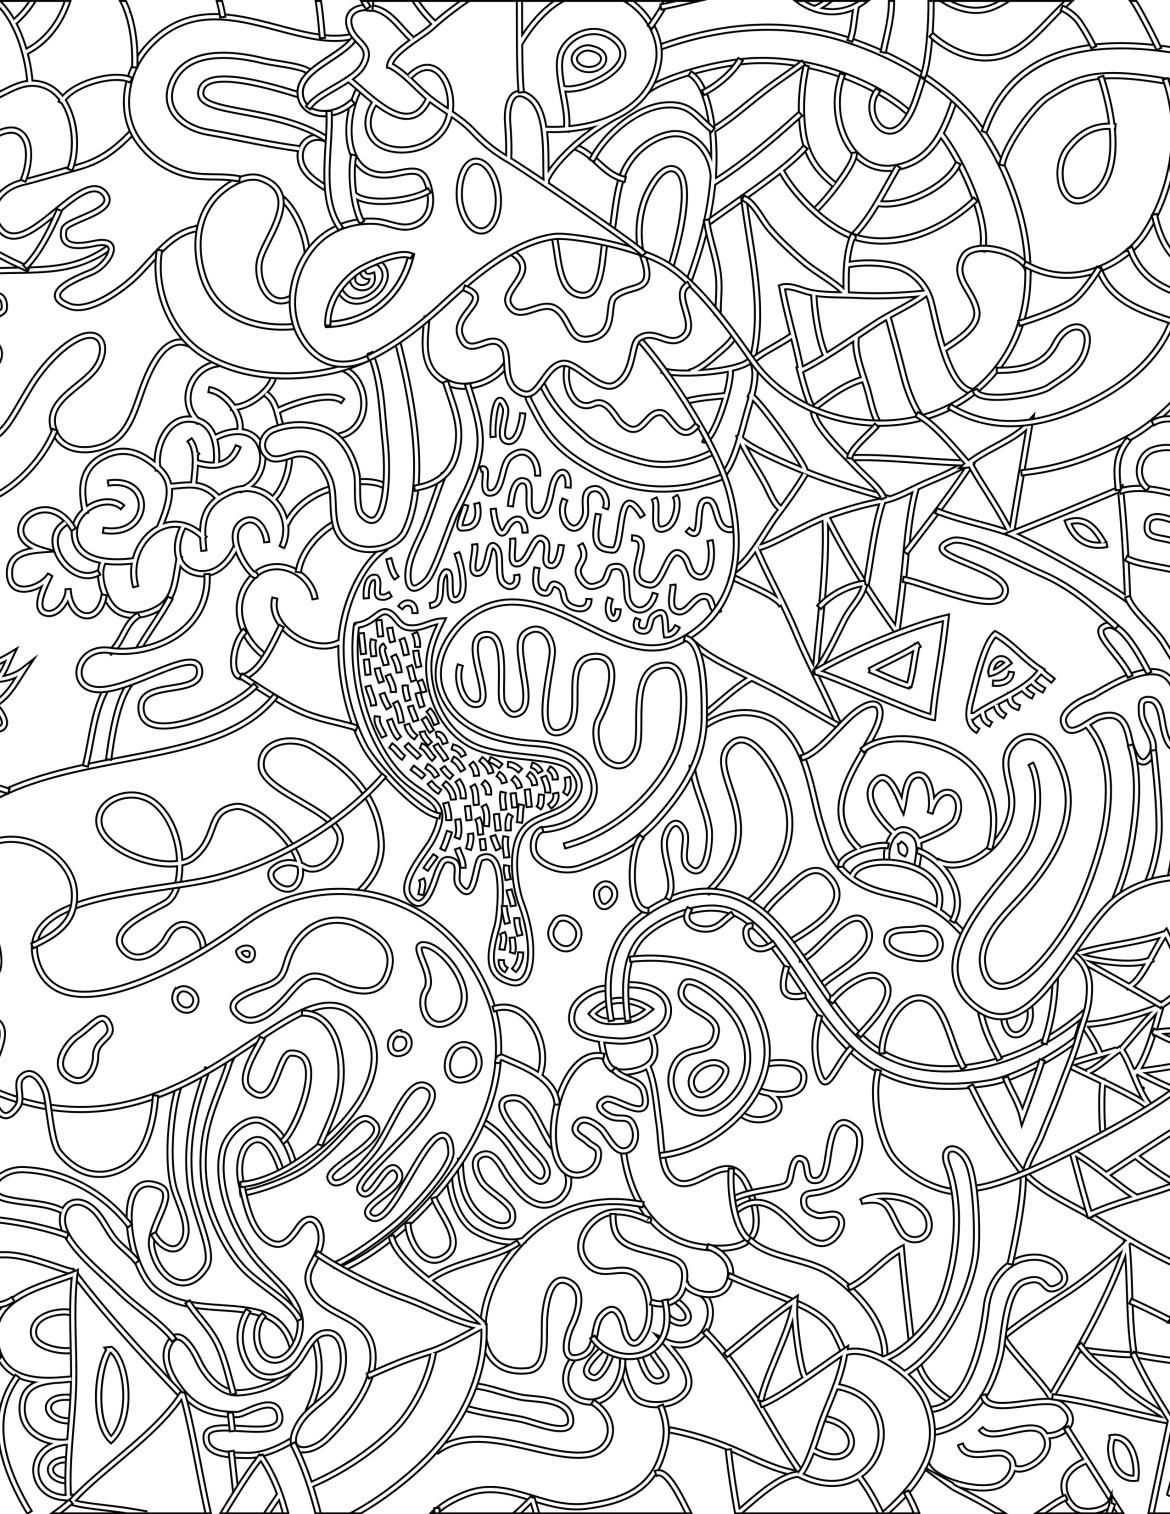 Coloriage Magique Insecte.Doodle Coloriage Magique A Imprimer Pour Adulte Artherapie Ca